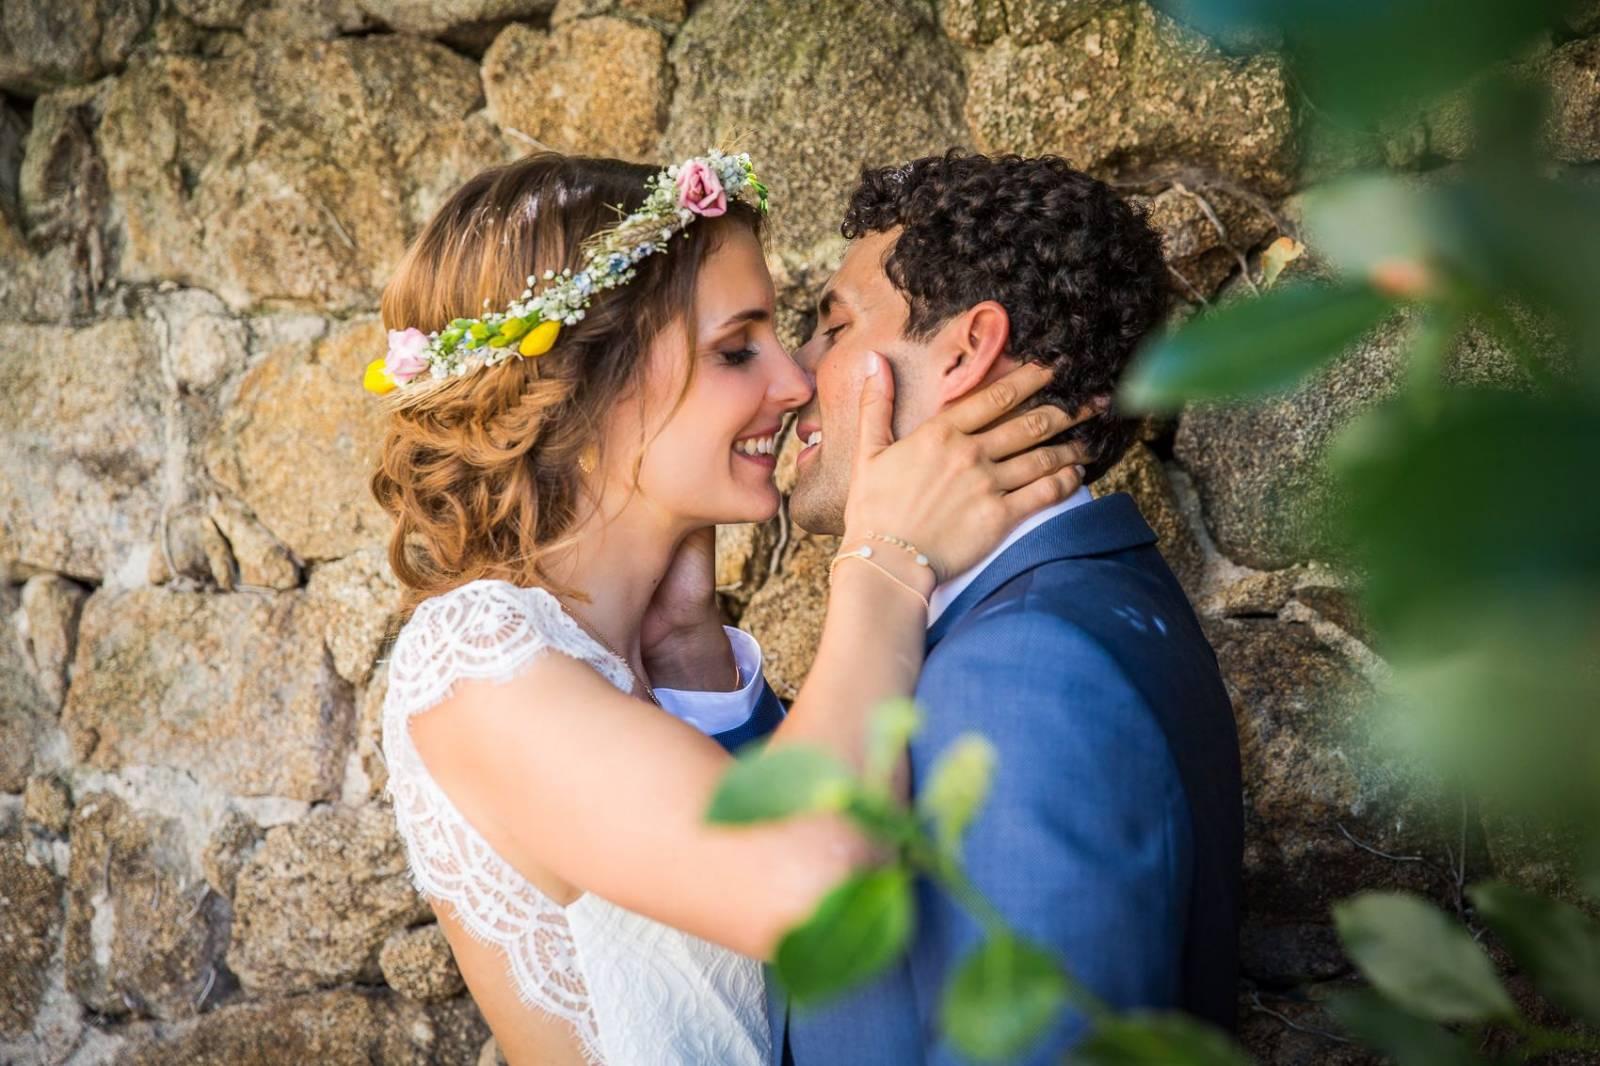 Cinderella Photographie - Trouwen in frankrijk - Huwelijksfotograaf - Trouwfotograaf - House of Weddings - 22